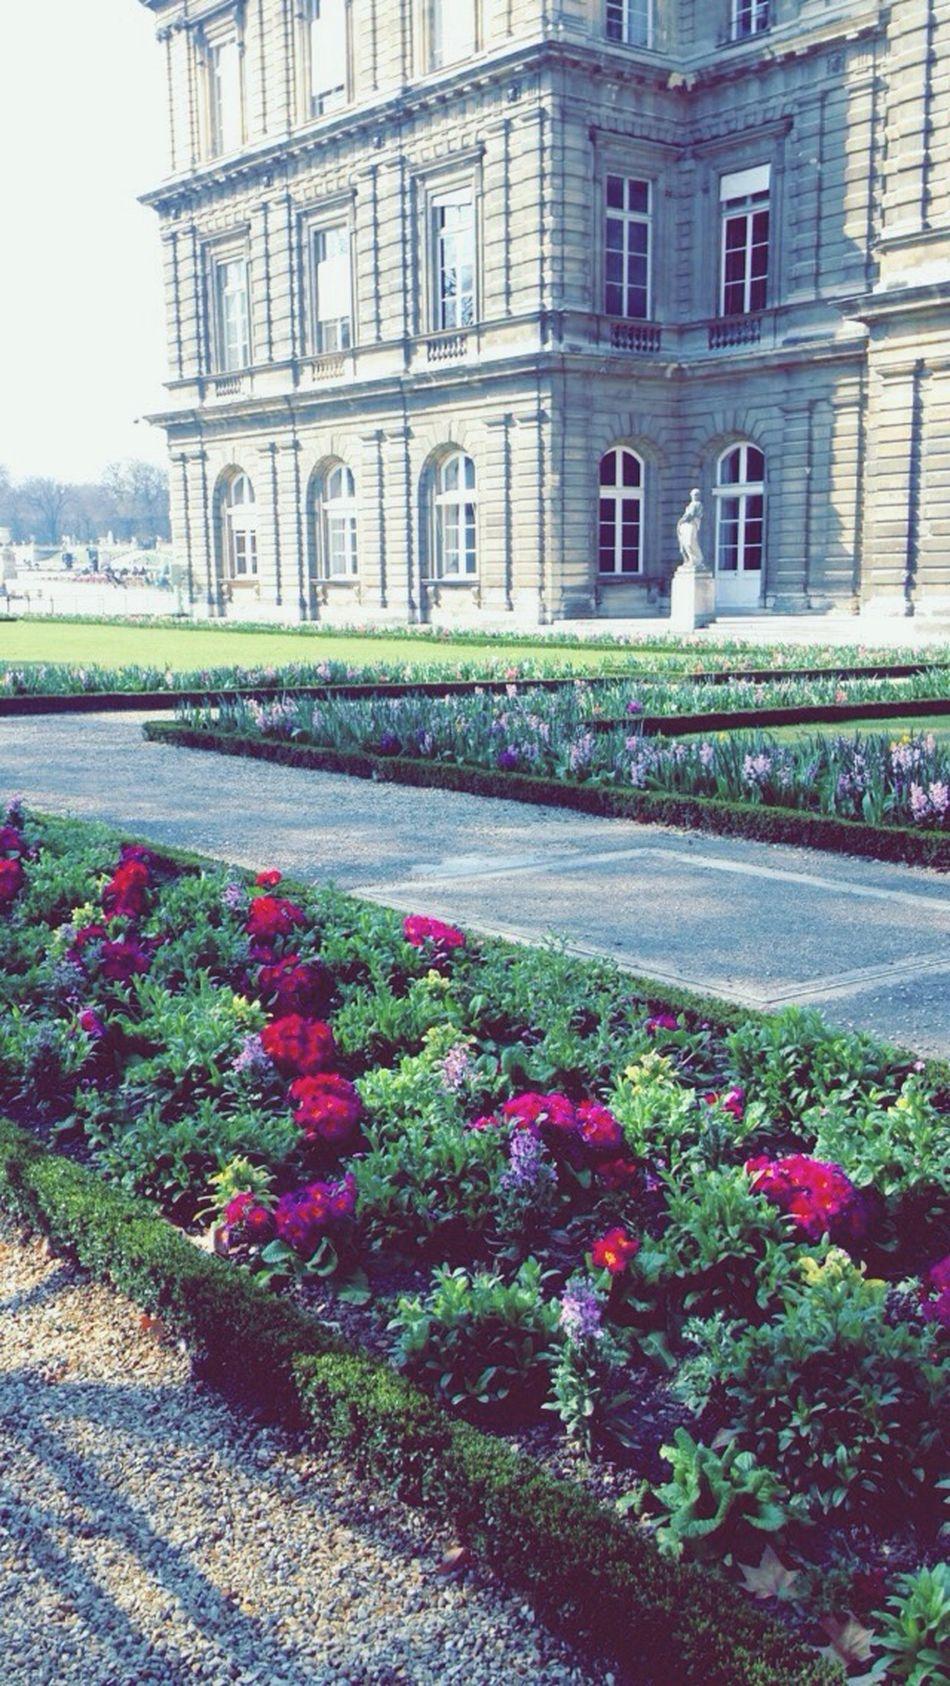 Jardin Du Luxembourg Sénat Paris Flowers Colorful Sun Vegetation